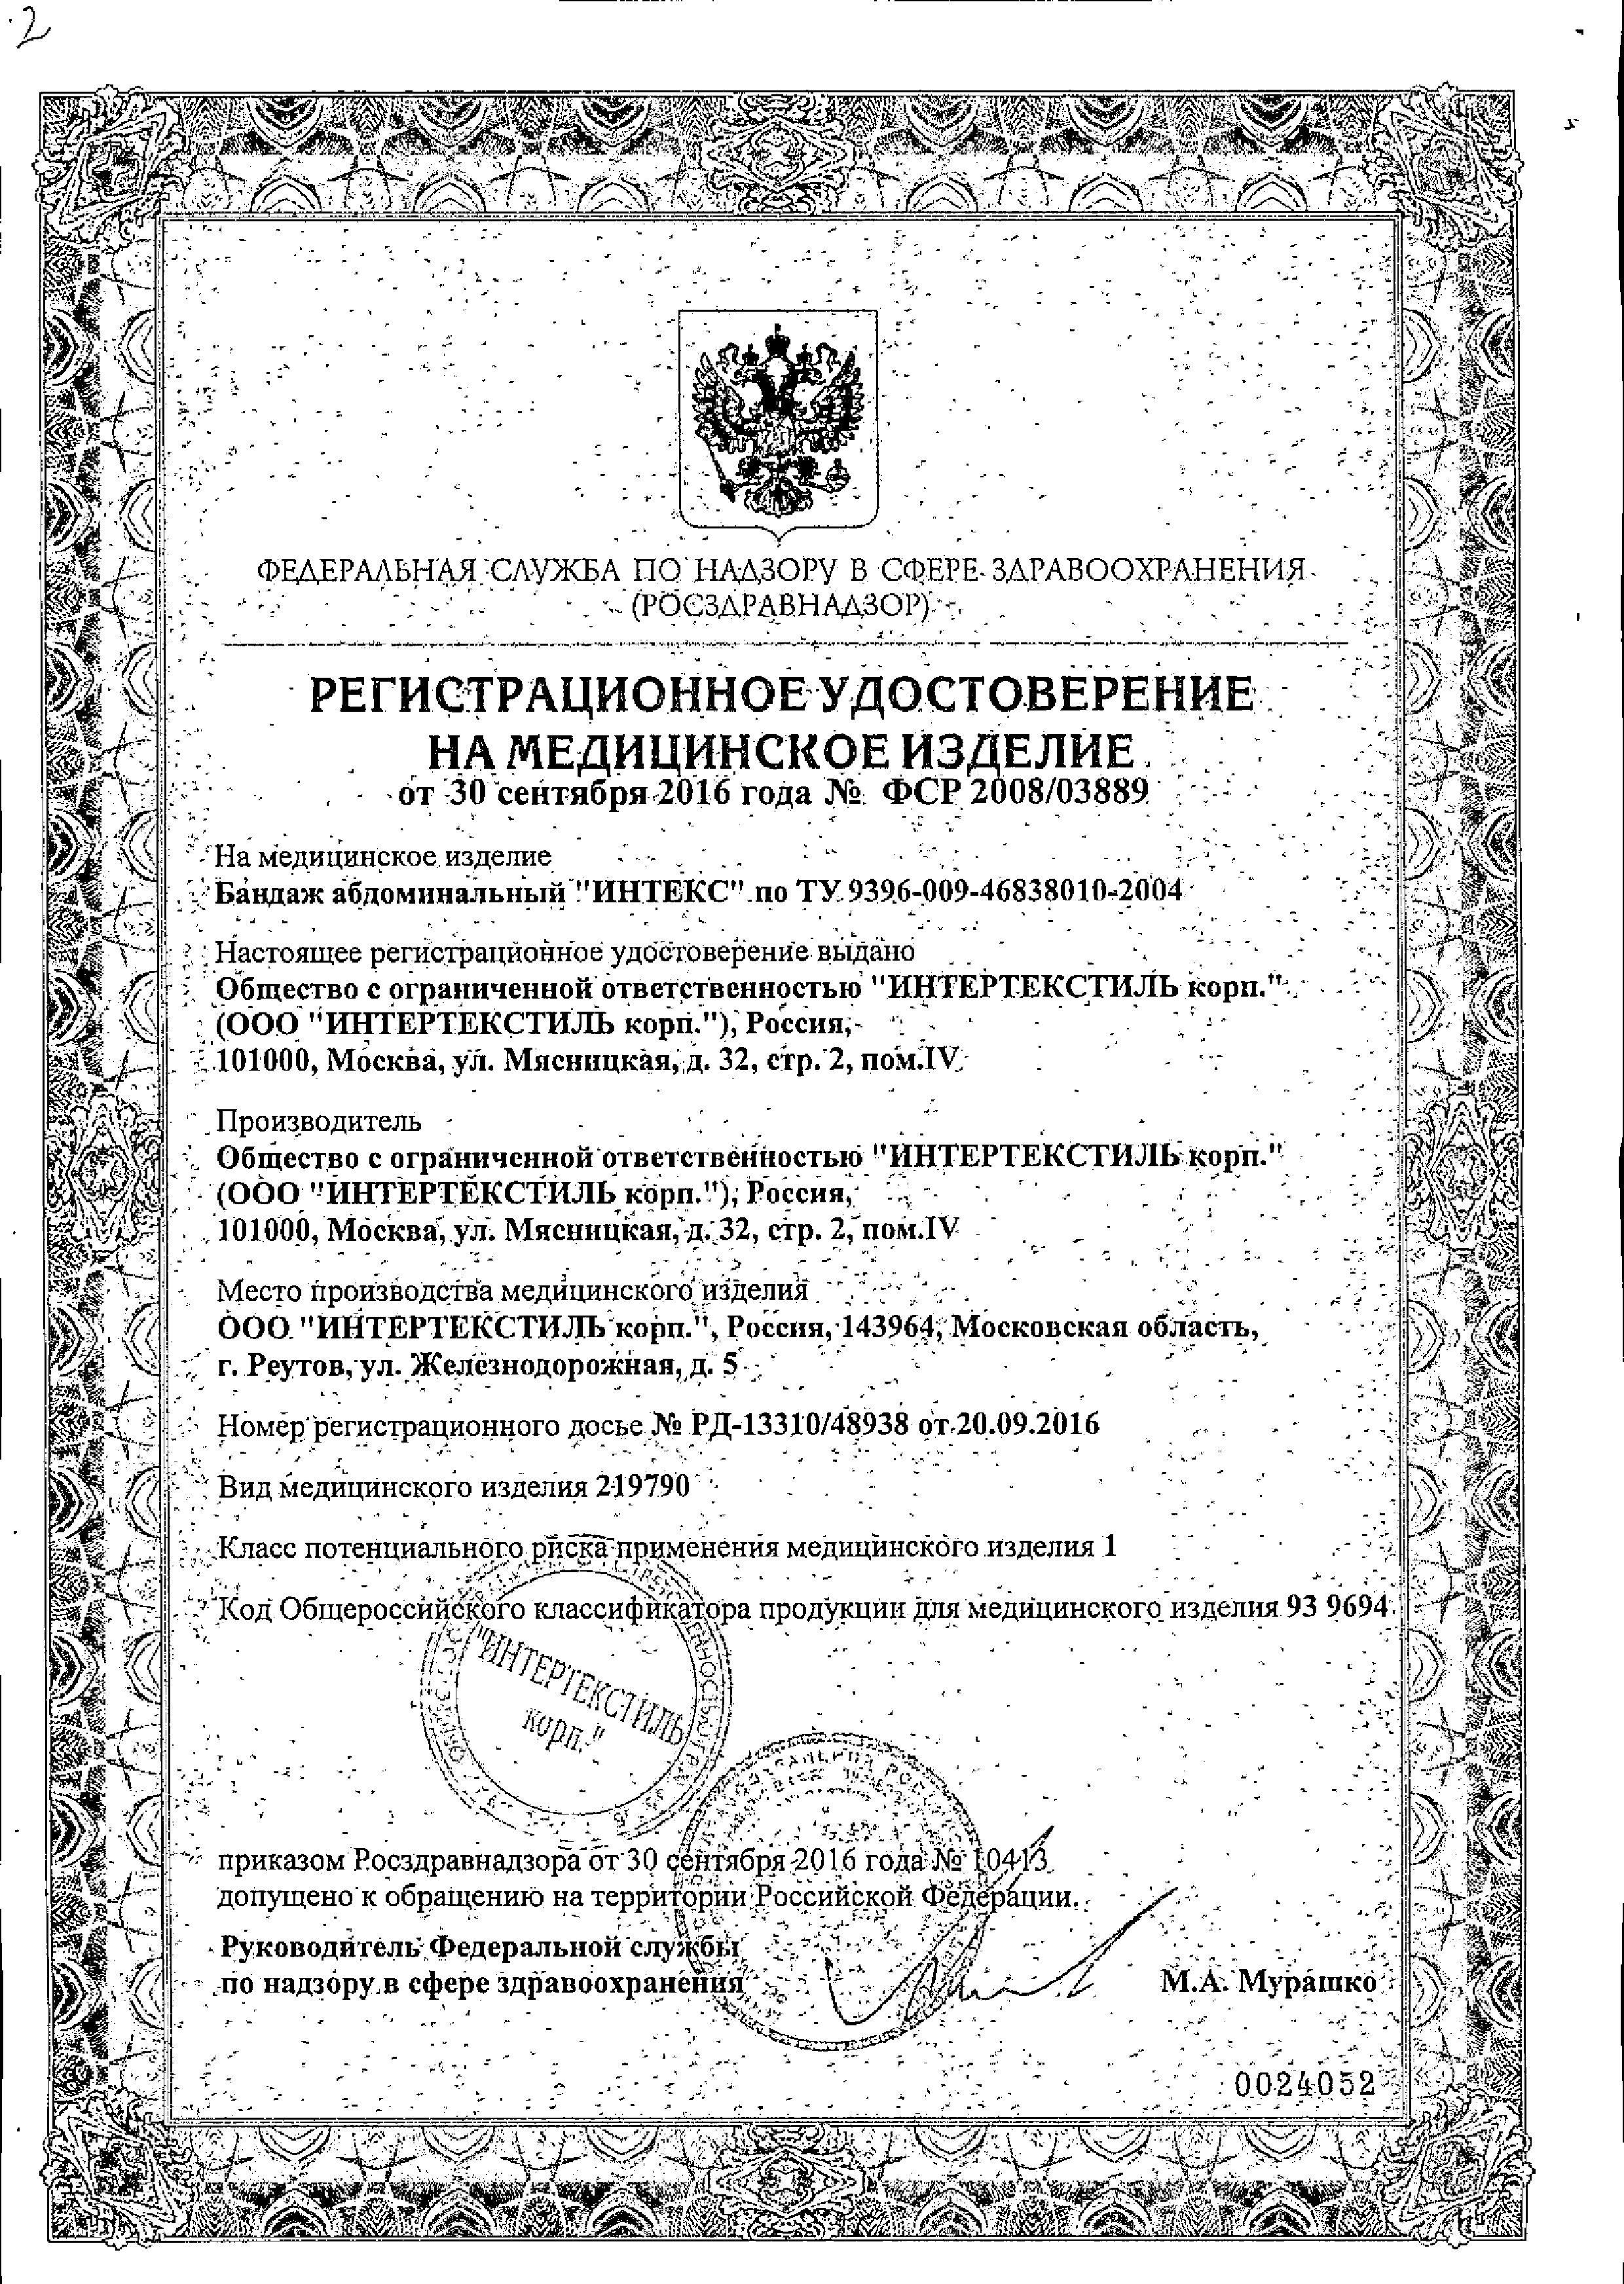 Клинса Бандаж абдоминальный послеоперационный с застежкой велкро сертификат